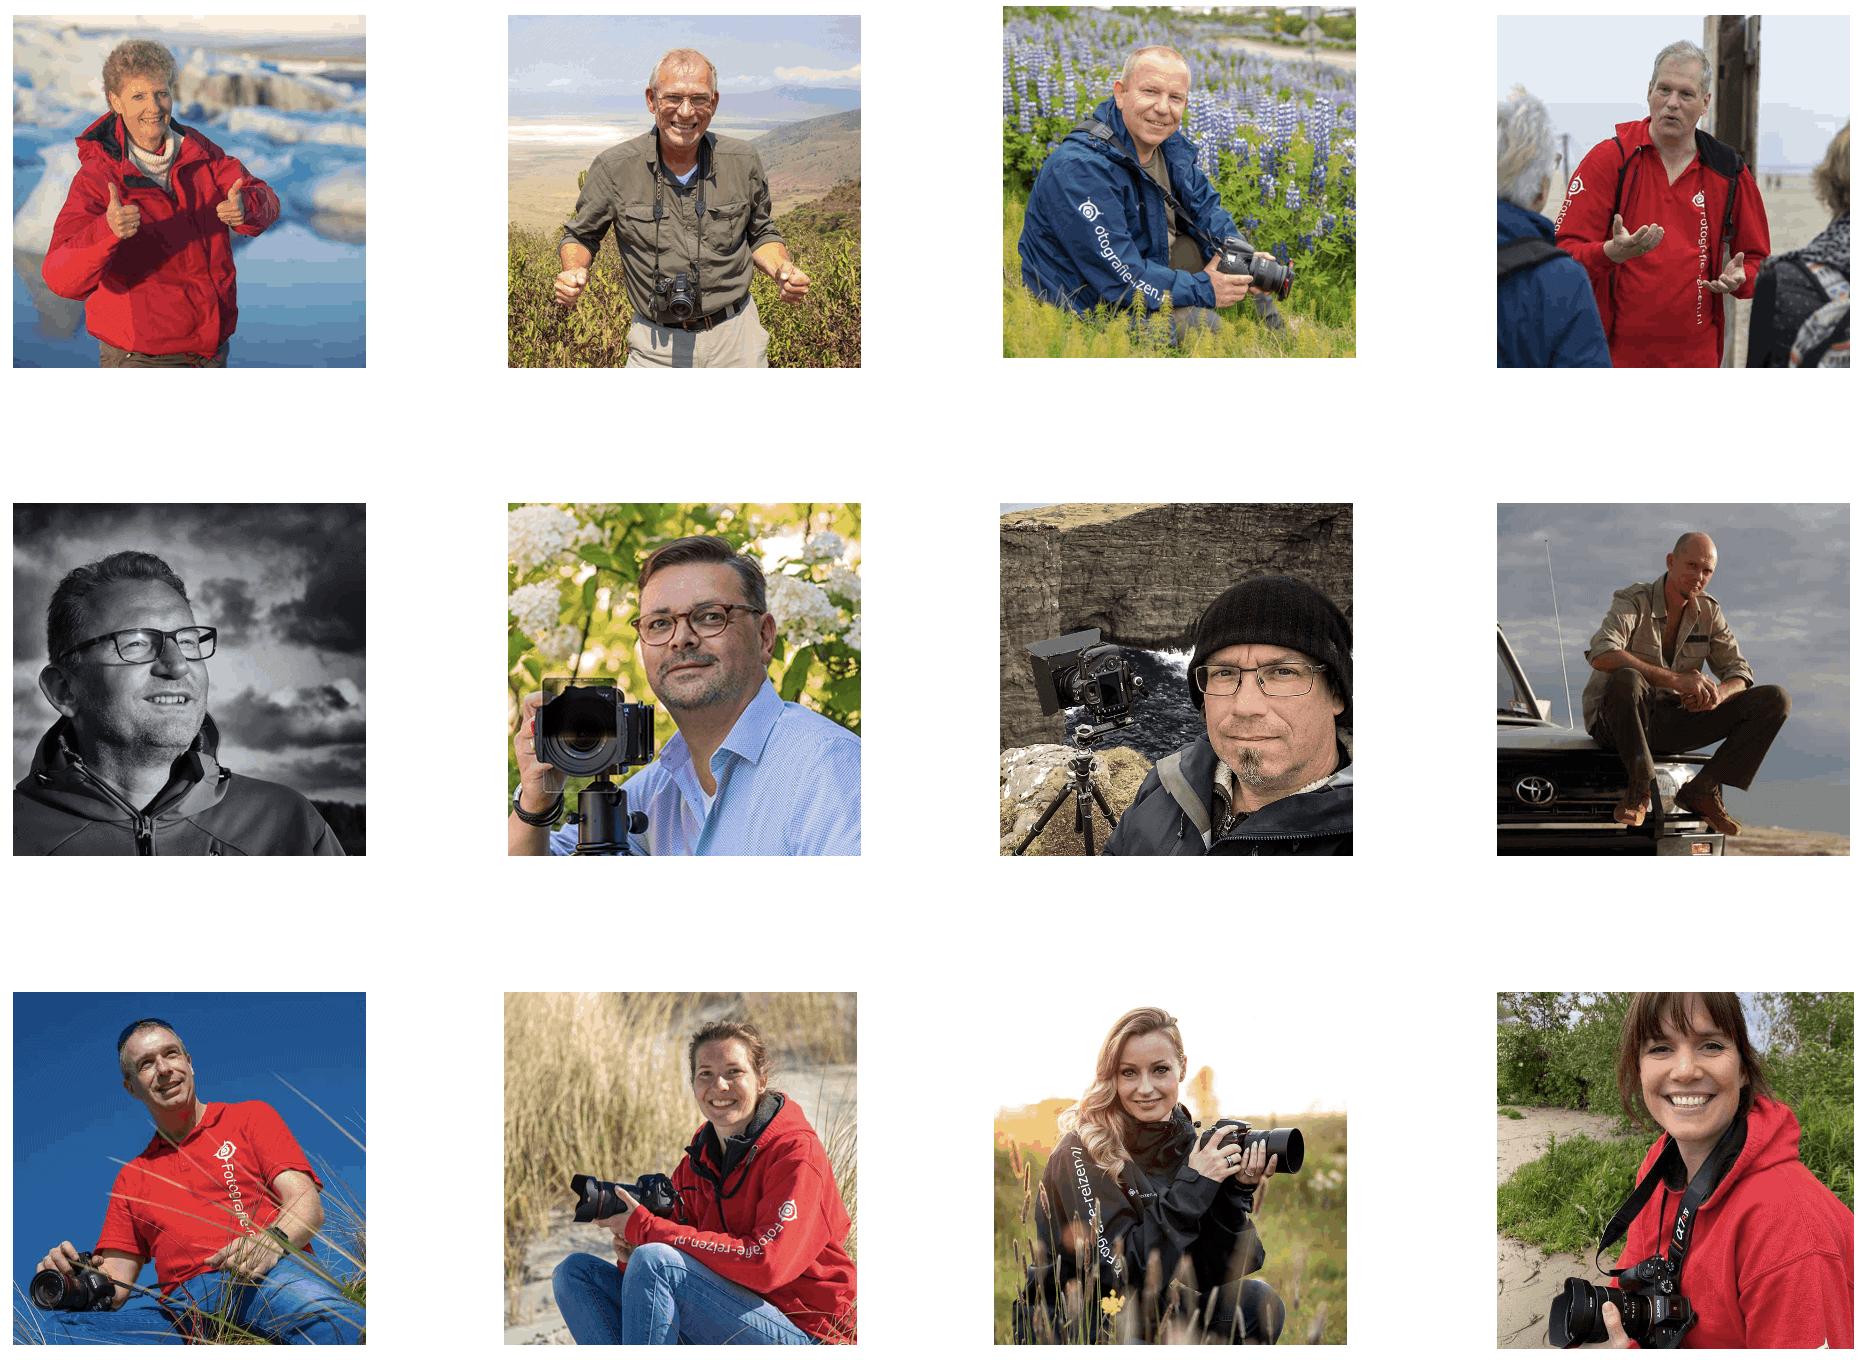 Fotografie-reizen fotografen